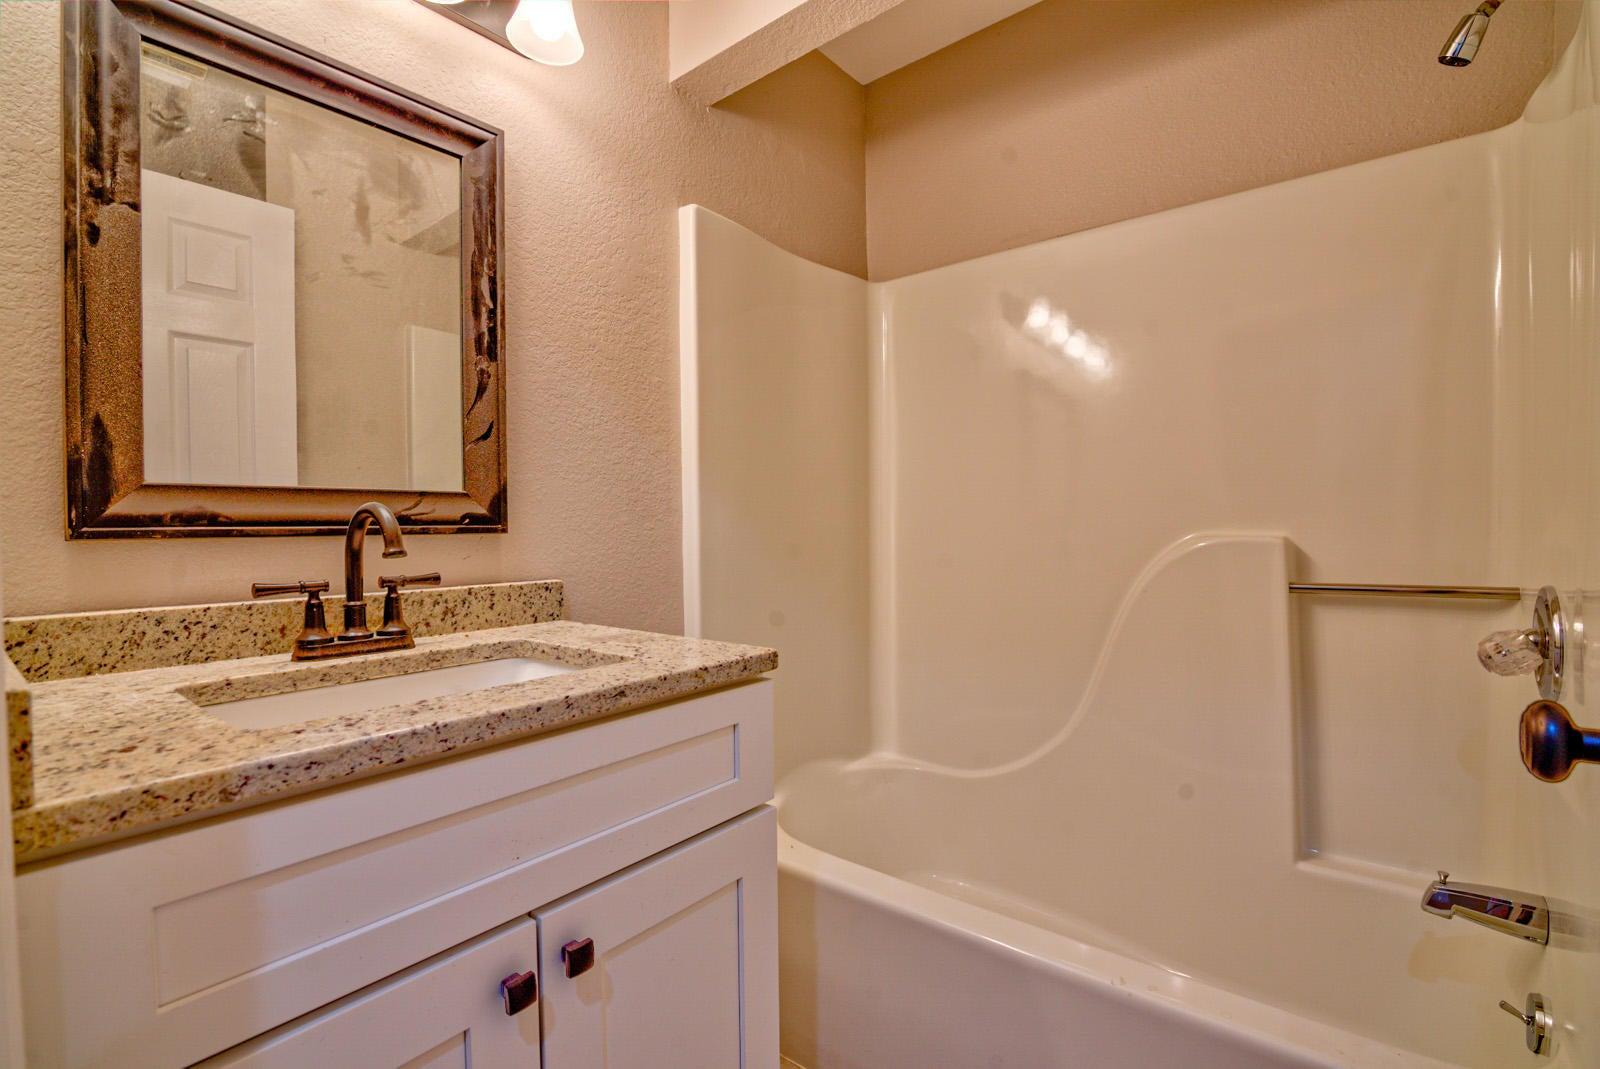 Int Hall Bathroom